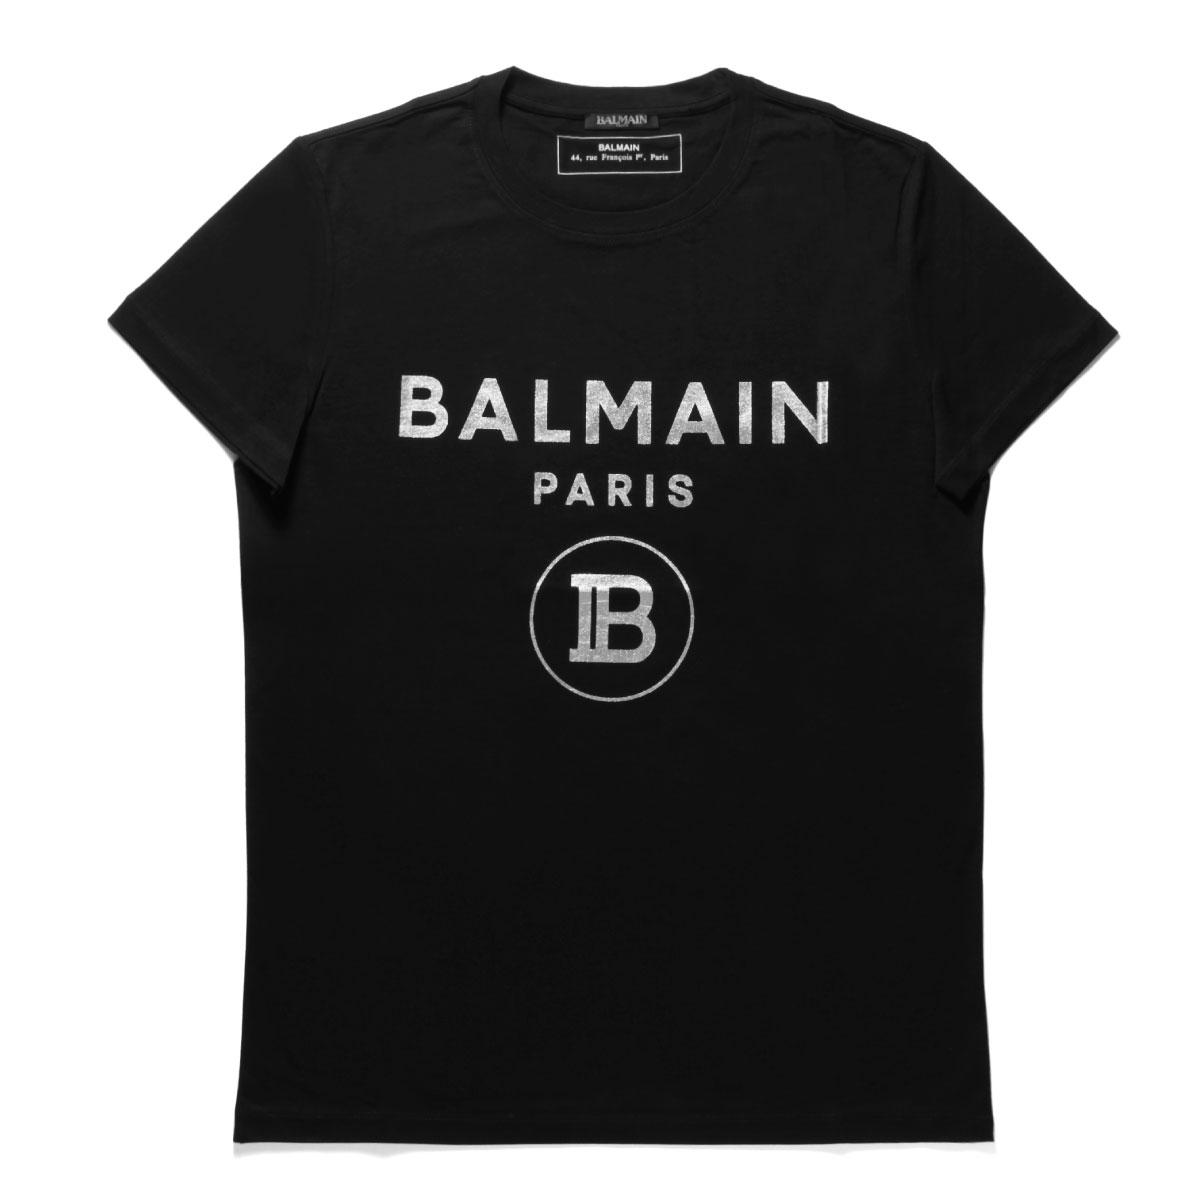 バルマン BALMAIN Tシャツ メンズ SH01601I194 0PA 半袖Tシャツ NOIR ブラック